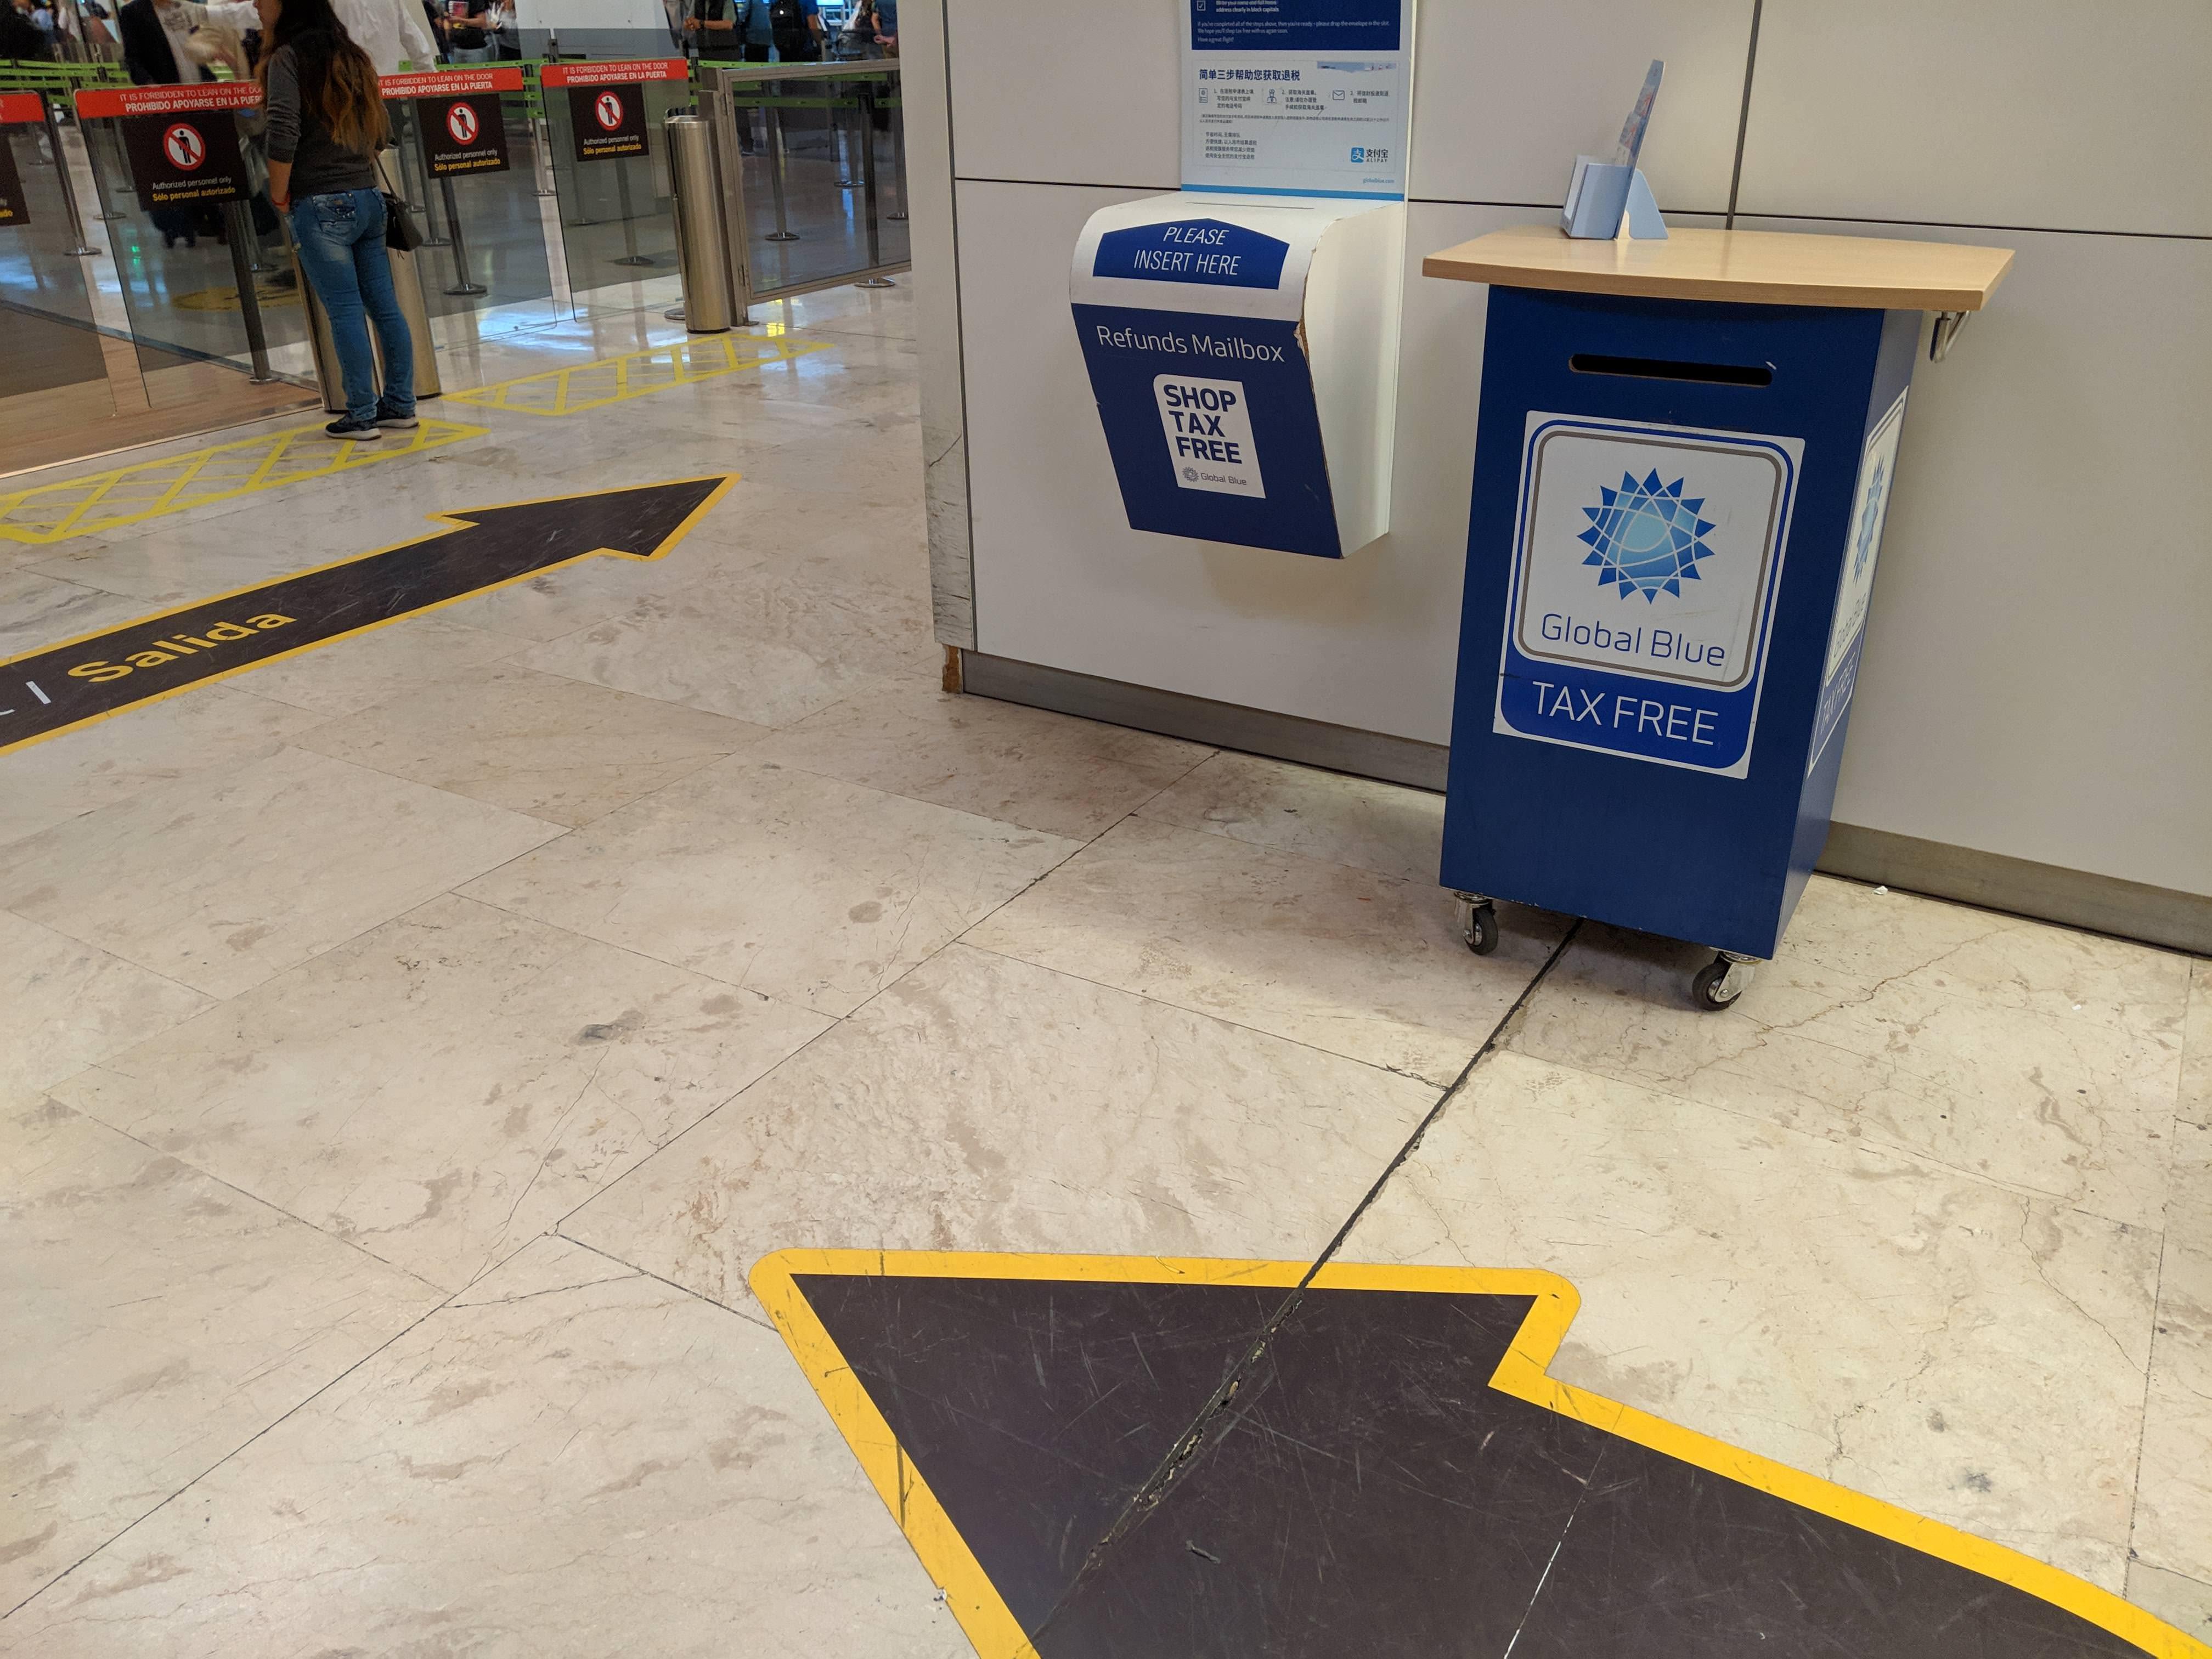 西班牙馬德里機場退稅tax diva退稅refund3